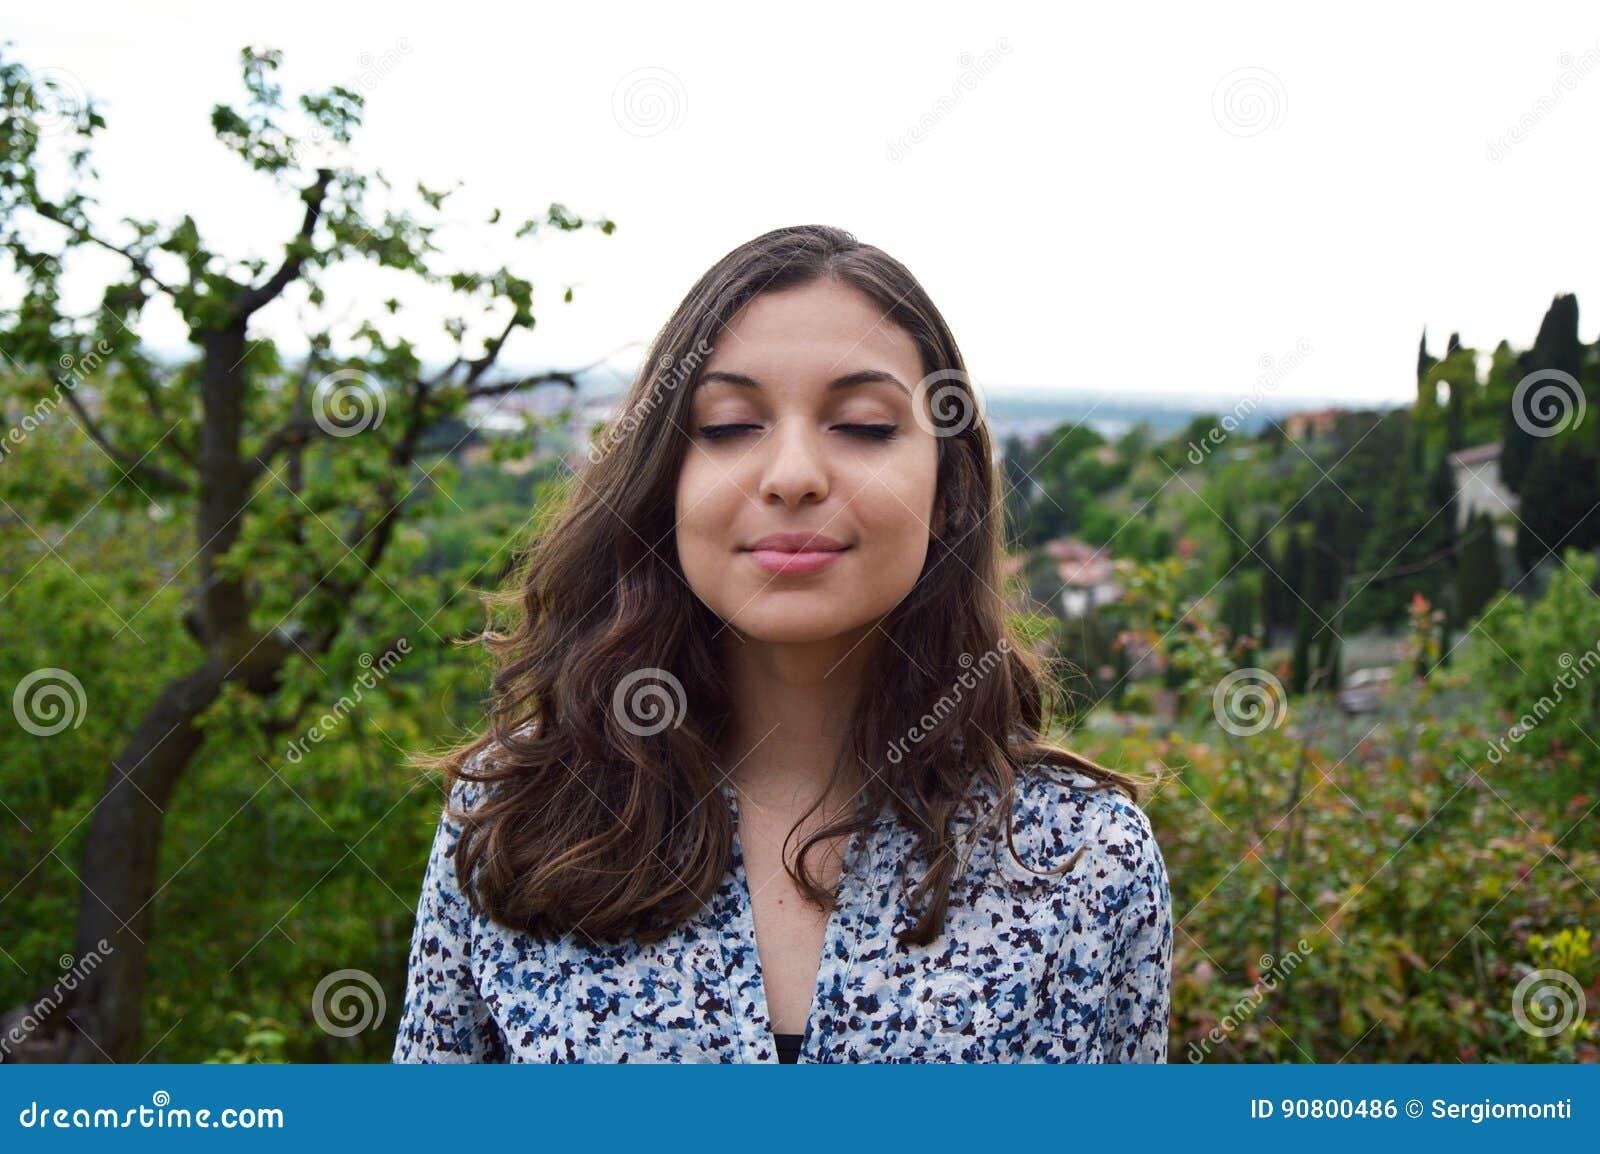 La bella giovane donna respira con gli occhi chiusi che gode della riflessione spirituale tranquilla di quiete di silenzio